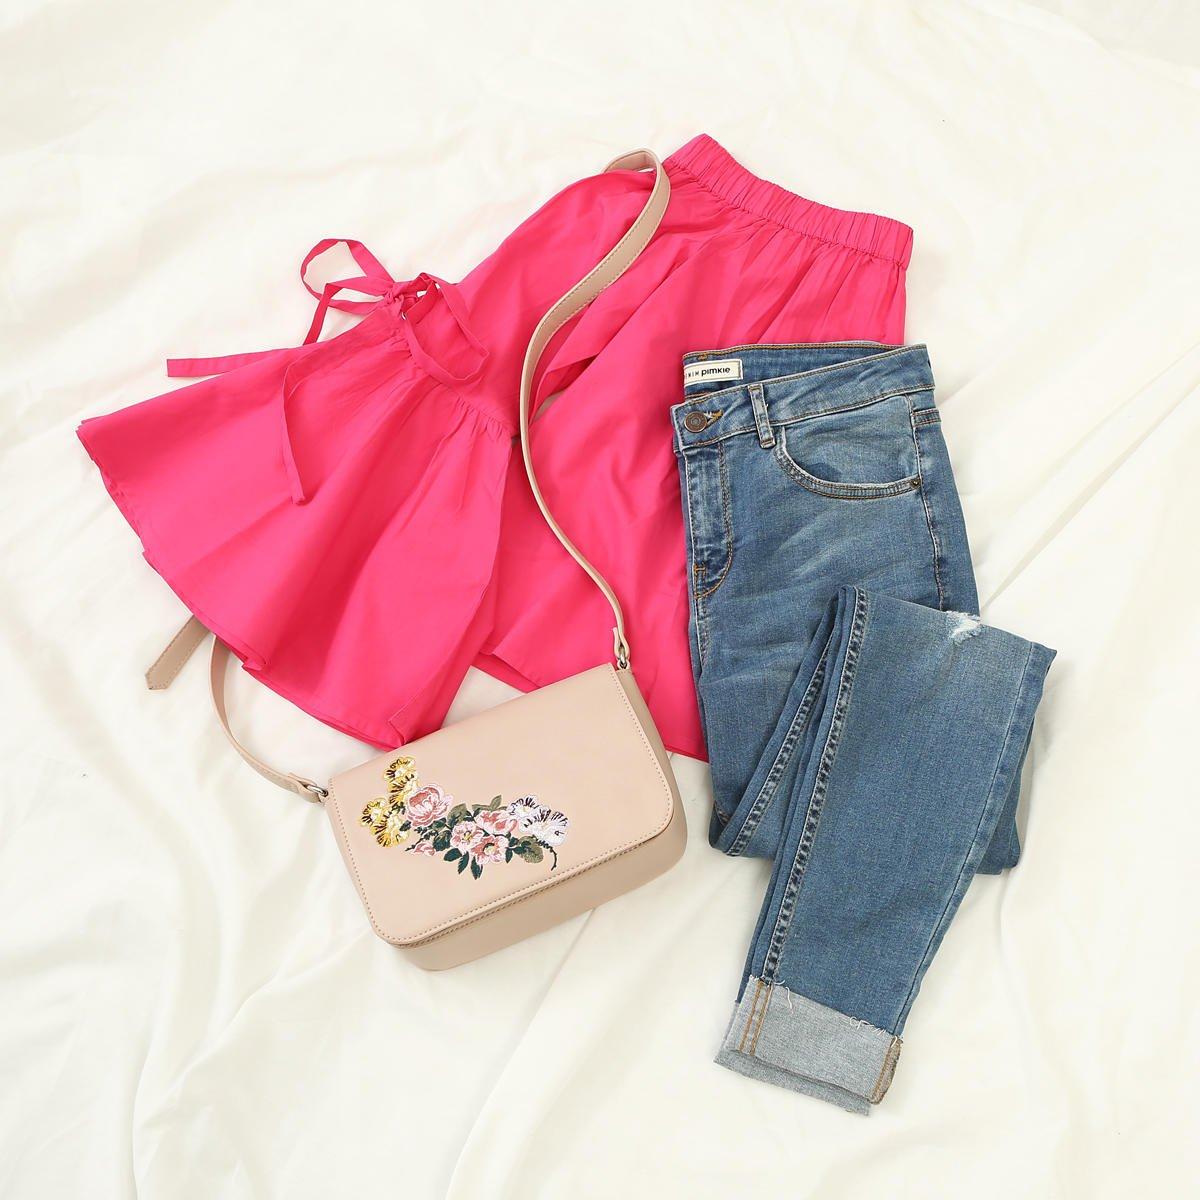 Outfit of the day ! Avec le Fuchsia on garde une bonne mine toute l'année  #ootd Shoppez le look >>  http:// fal.cn/tYlt    pic.twitter.com/HTizRJNrvv